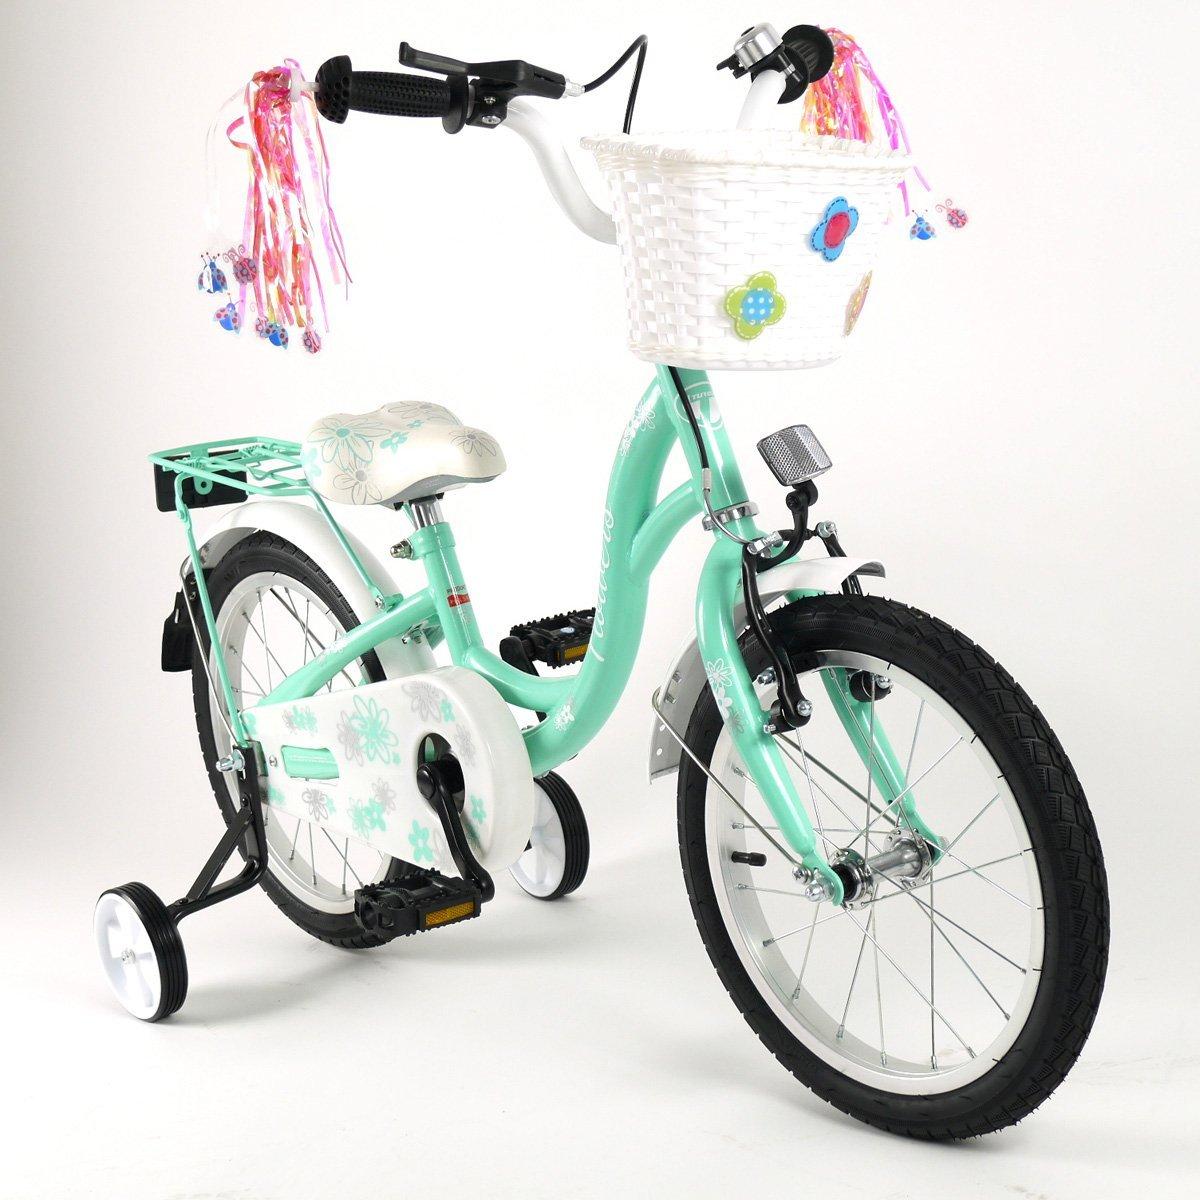 'Vélo pour enfant 16 Flo cya de vélo pour enfant 16